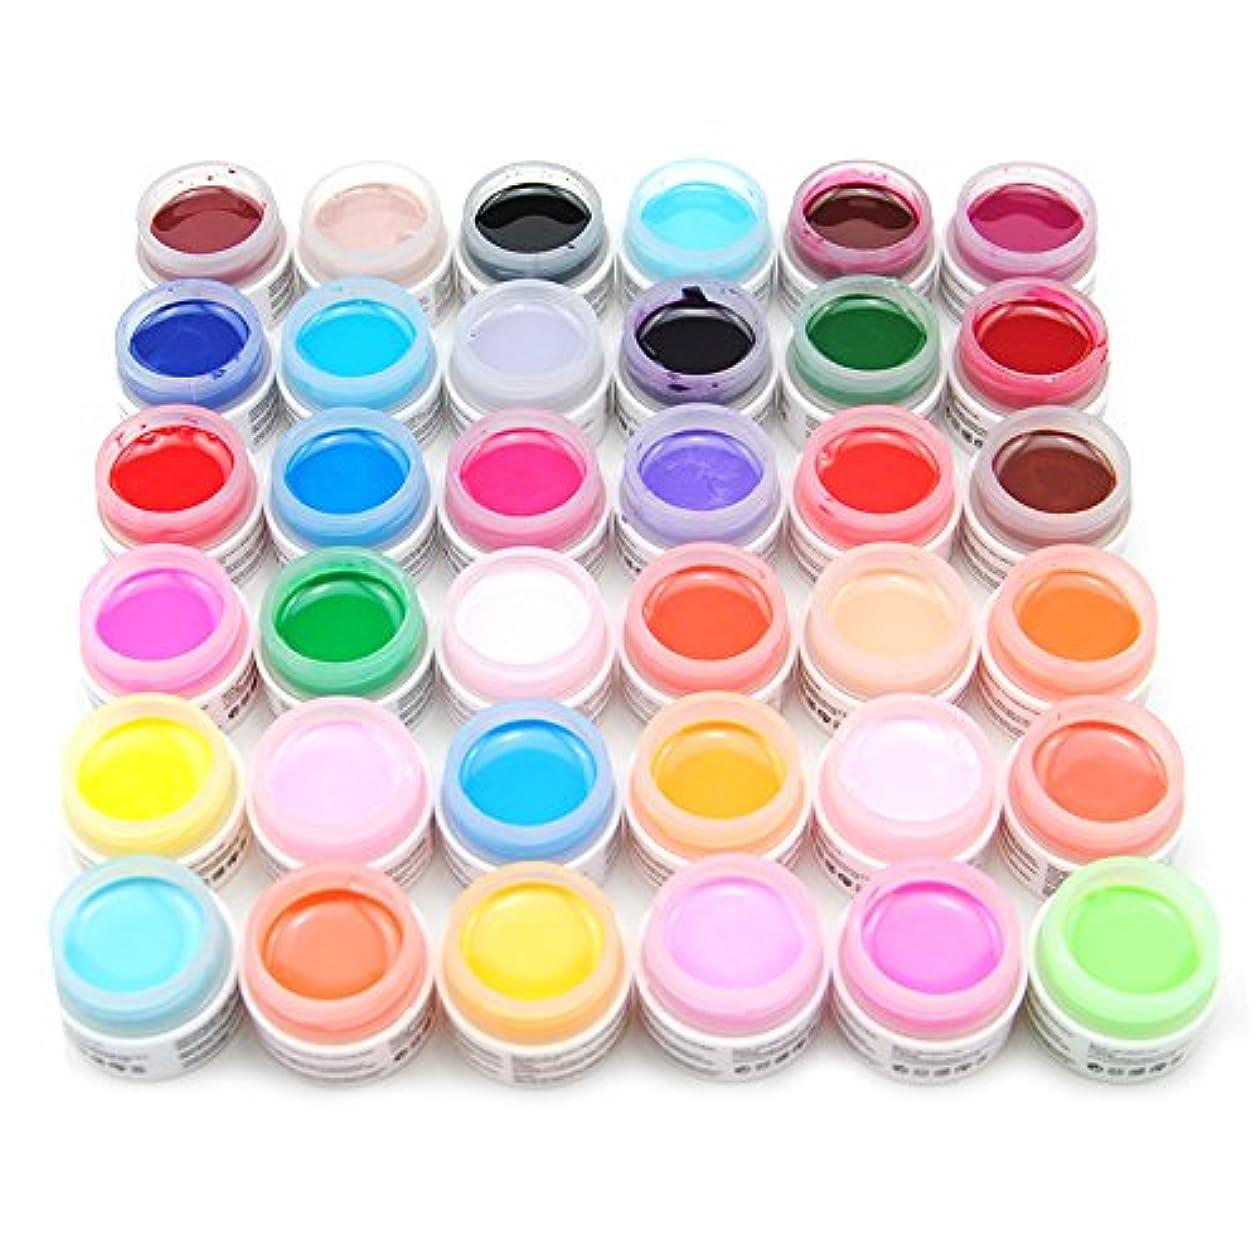 コスト階層気をつけてユニークモール(UniqueMall)ジェルネイルのセット 36色 純粋ネイルネイルカラーUVジェルレジン ネイルアート ネイルサロン 色々カラーネイルデコ人気セット